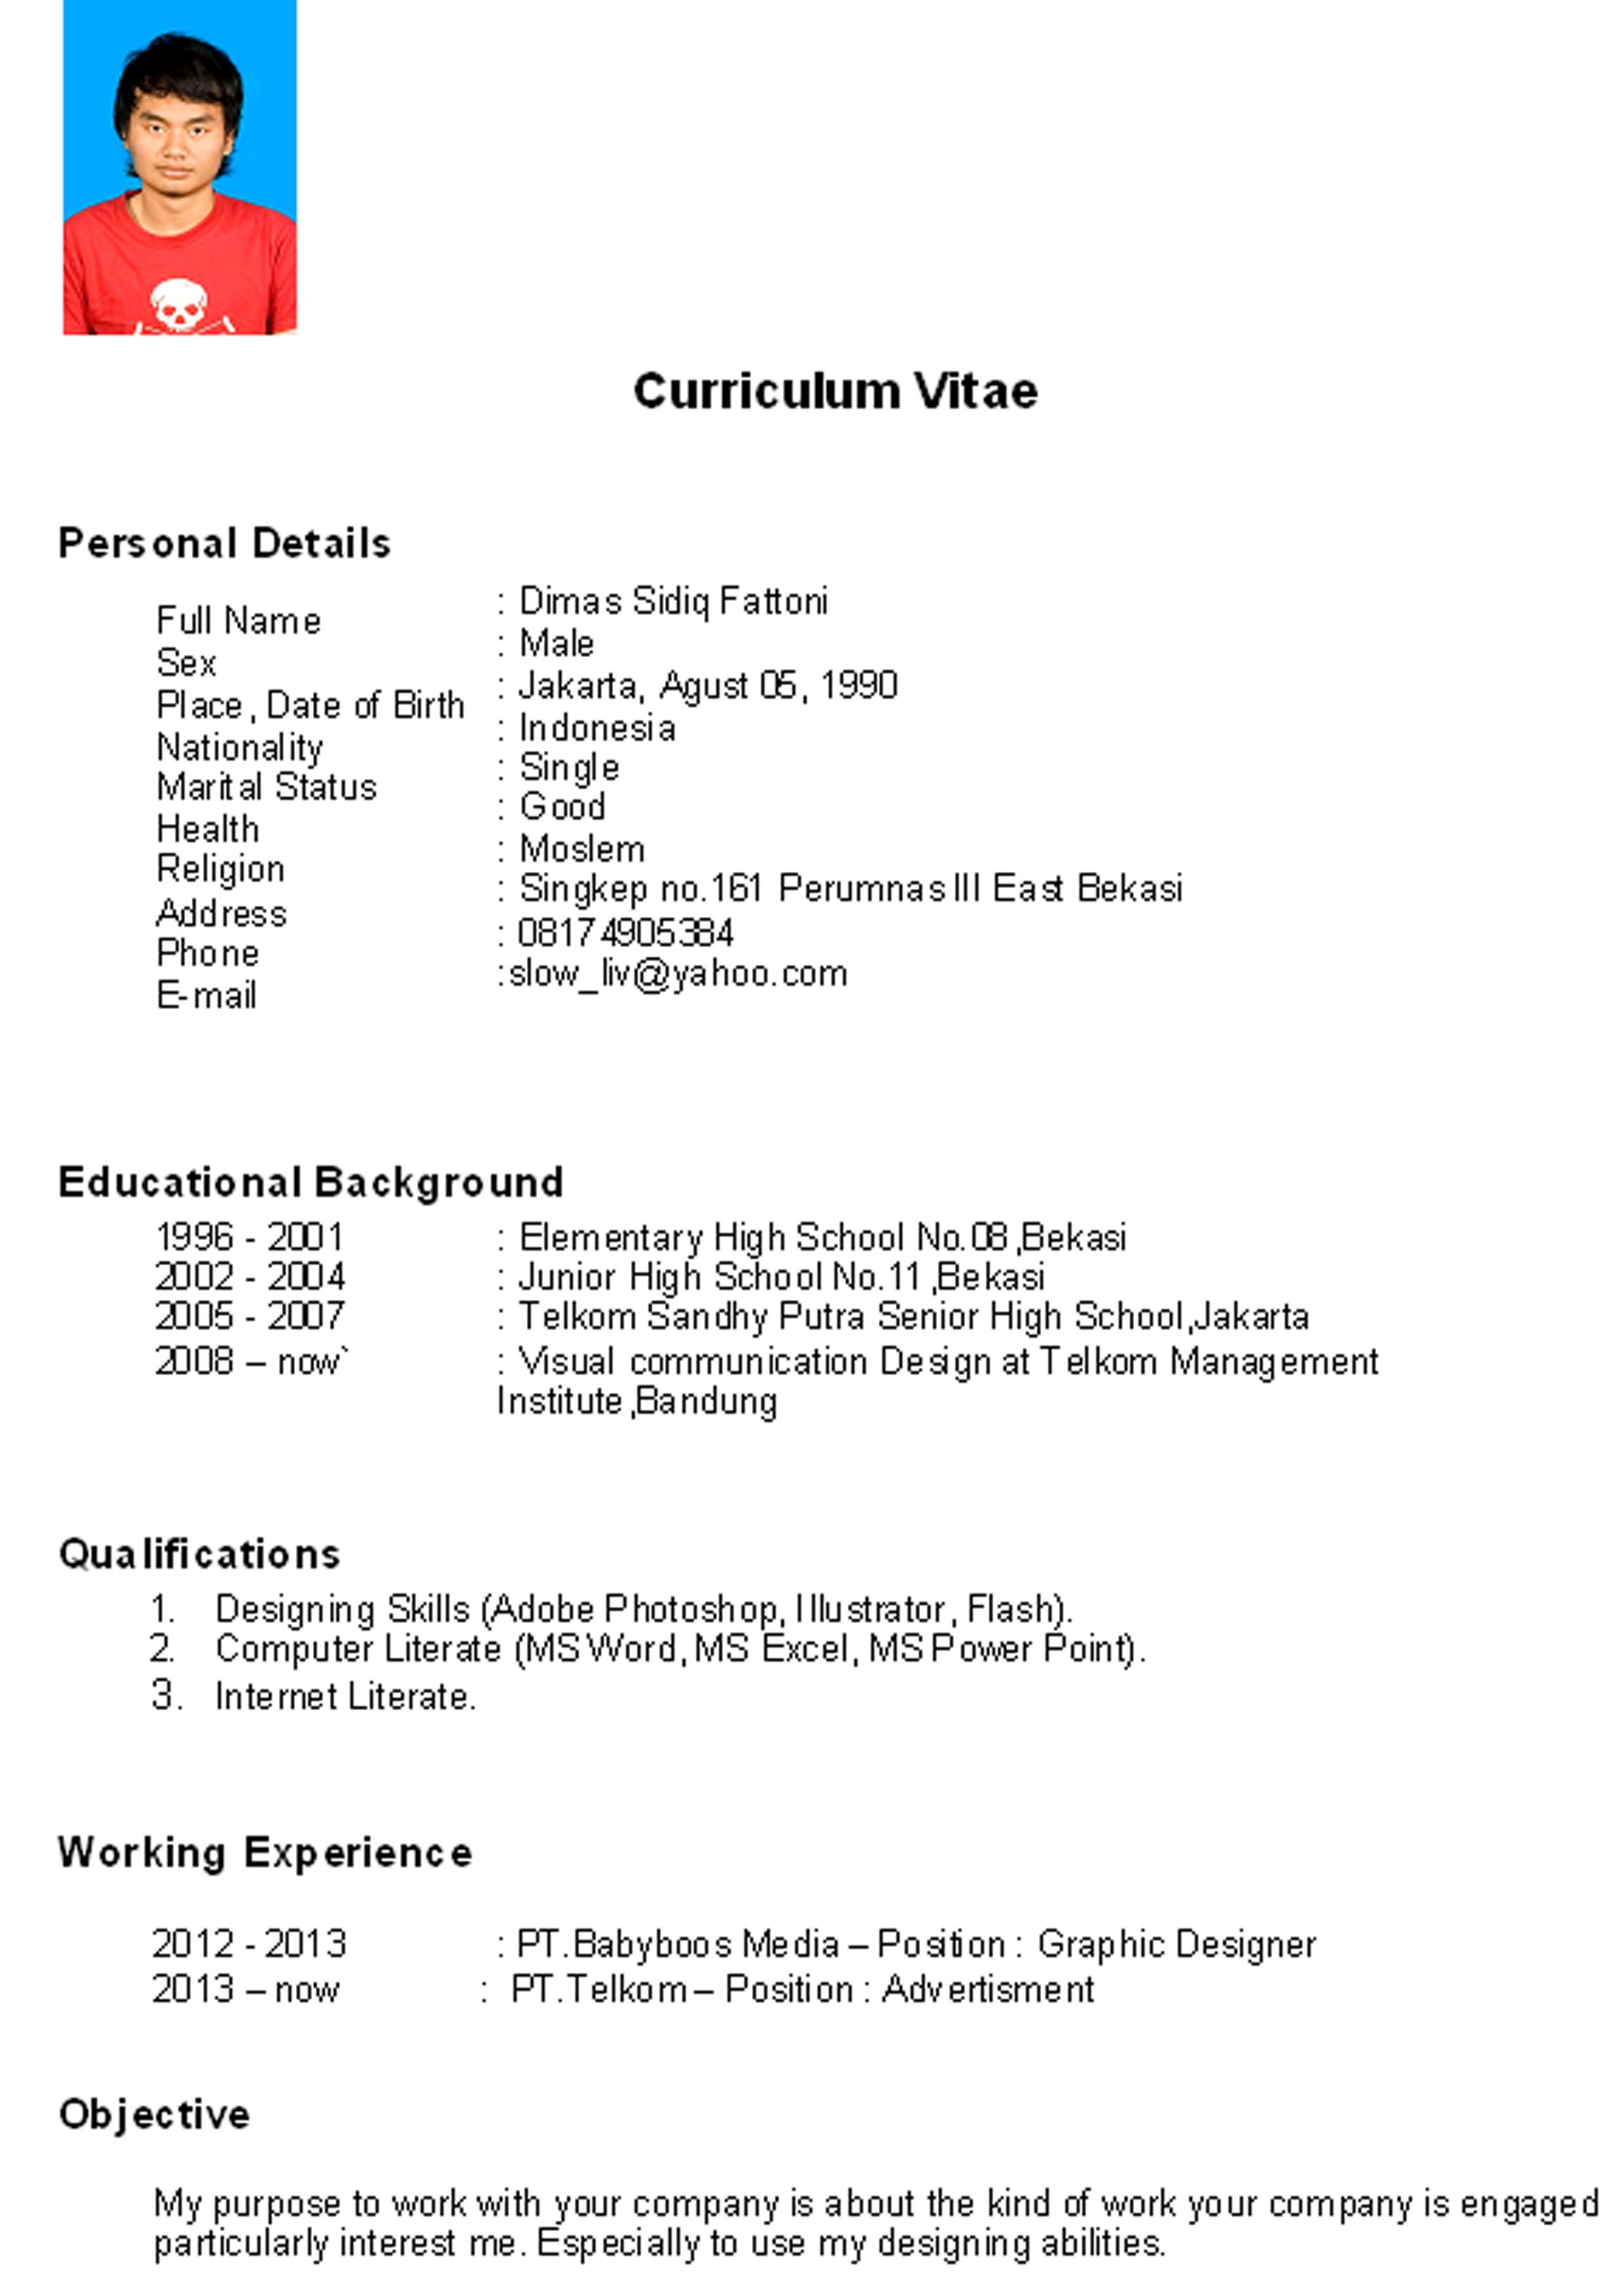 curriculum vitae format cabin crew service resume curriculum vitae format cabin crew cv template examples writing a cv curriculum vitae giz images curriculum